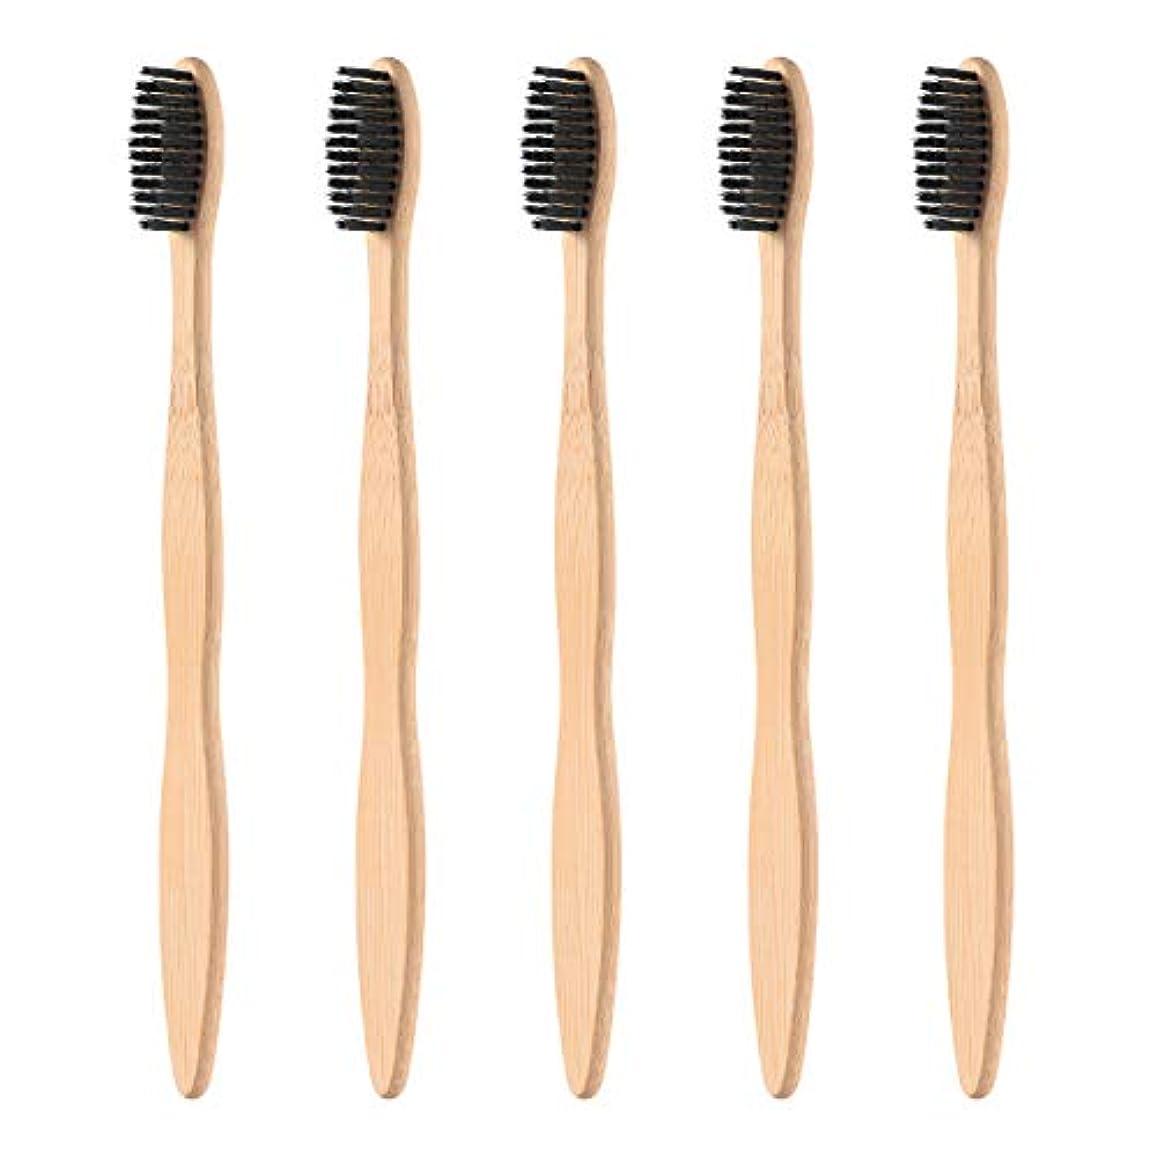 国旗引き出しタオルHealifty 柔らかい黒い剛毛が付いている5pcsタケハンドルの歯ブラシの自然な木のEcoの友好的な歯ブラシ